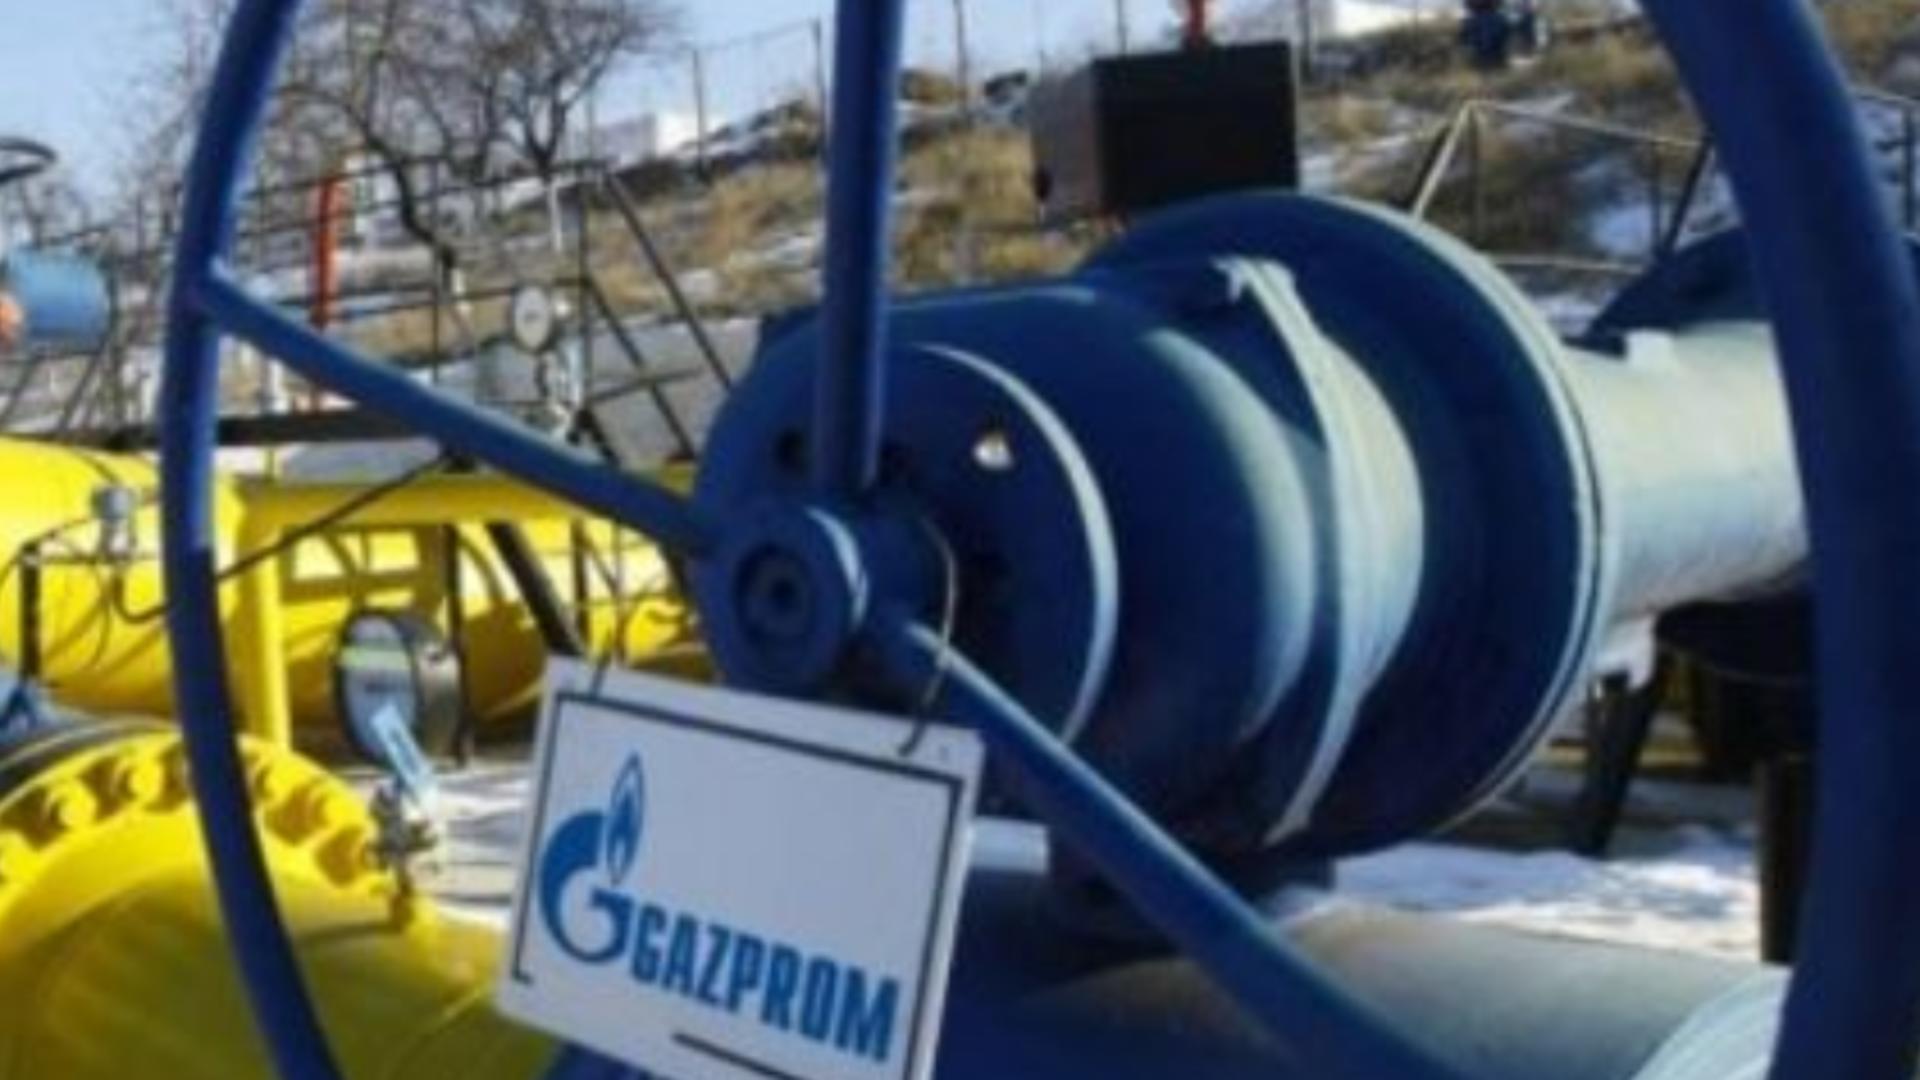 Ungaria a bătut palma cu Rusia! Contract cu Gazprom de 15 ani, livrarea gazelor începe la 1 octombrie